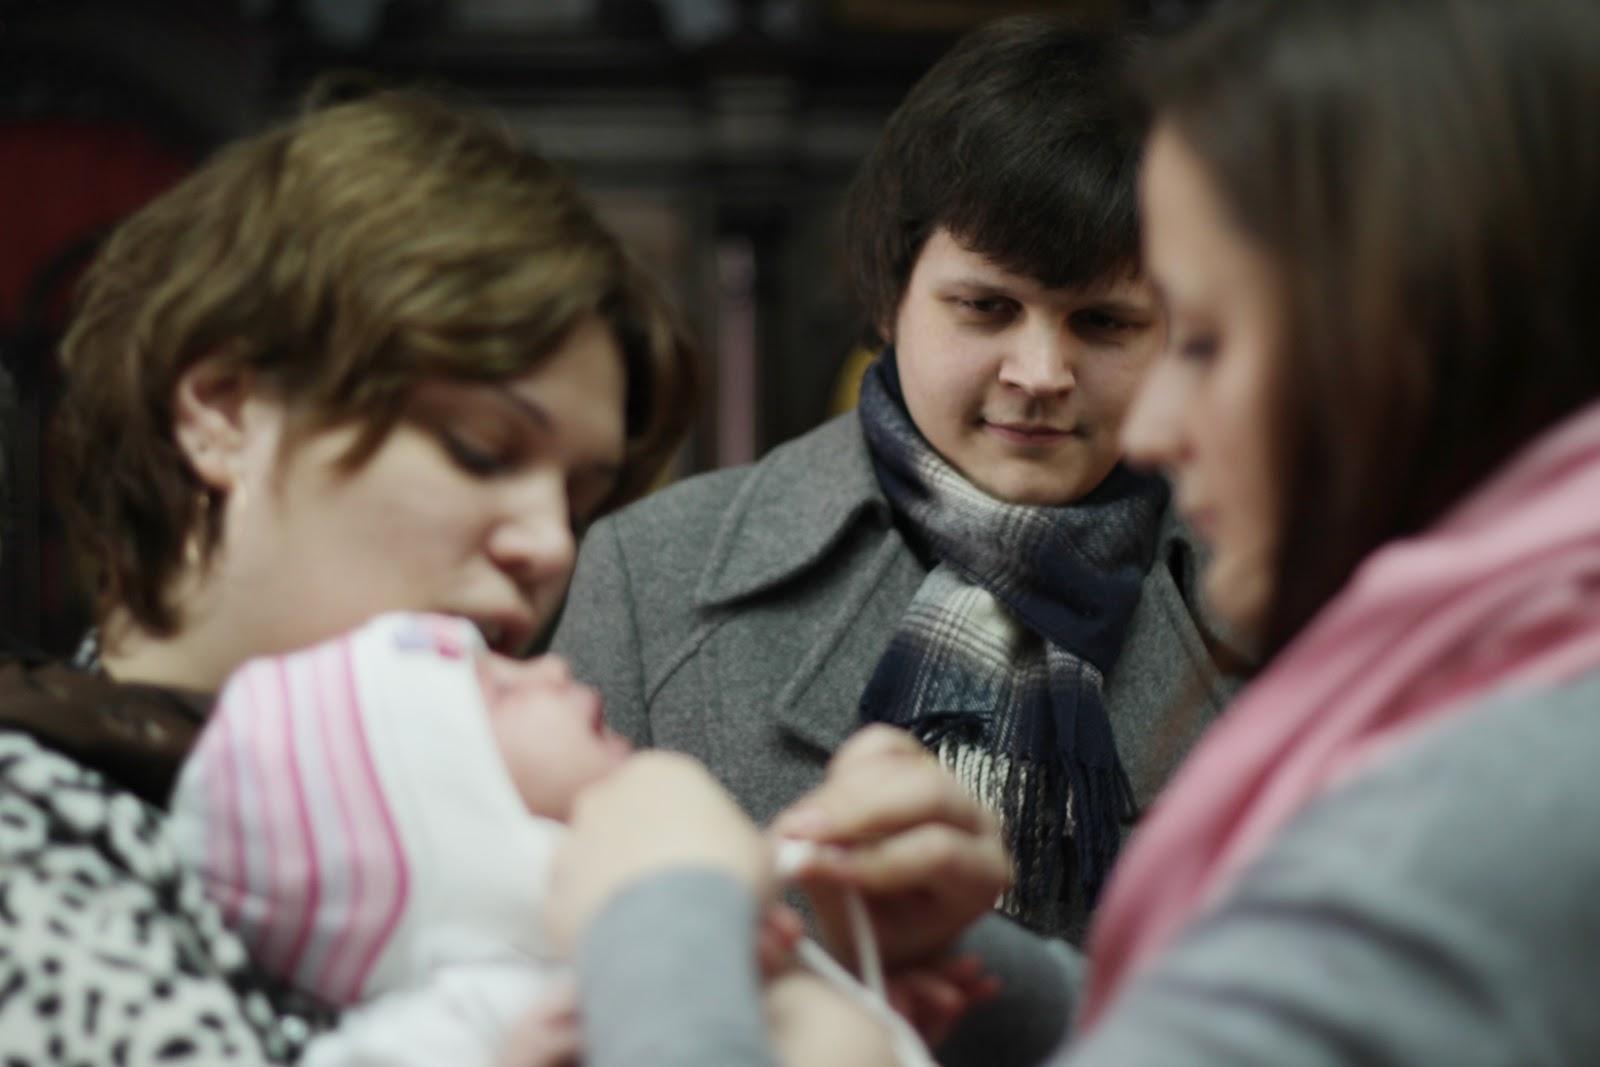 Тетя сосет у маленького мальчика фото 19 фотография